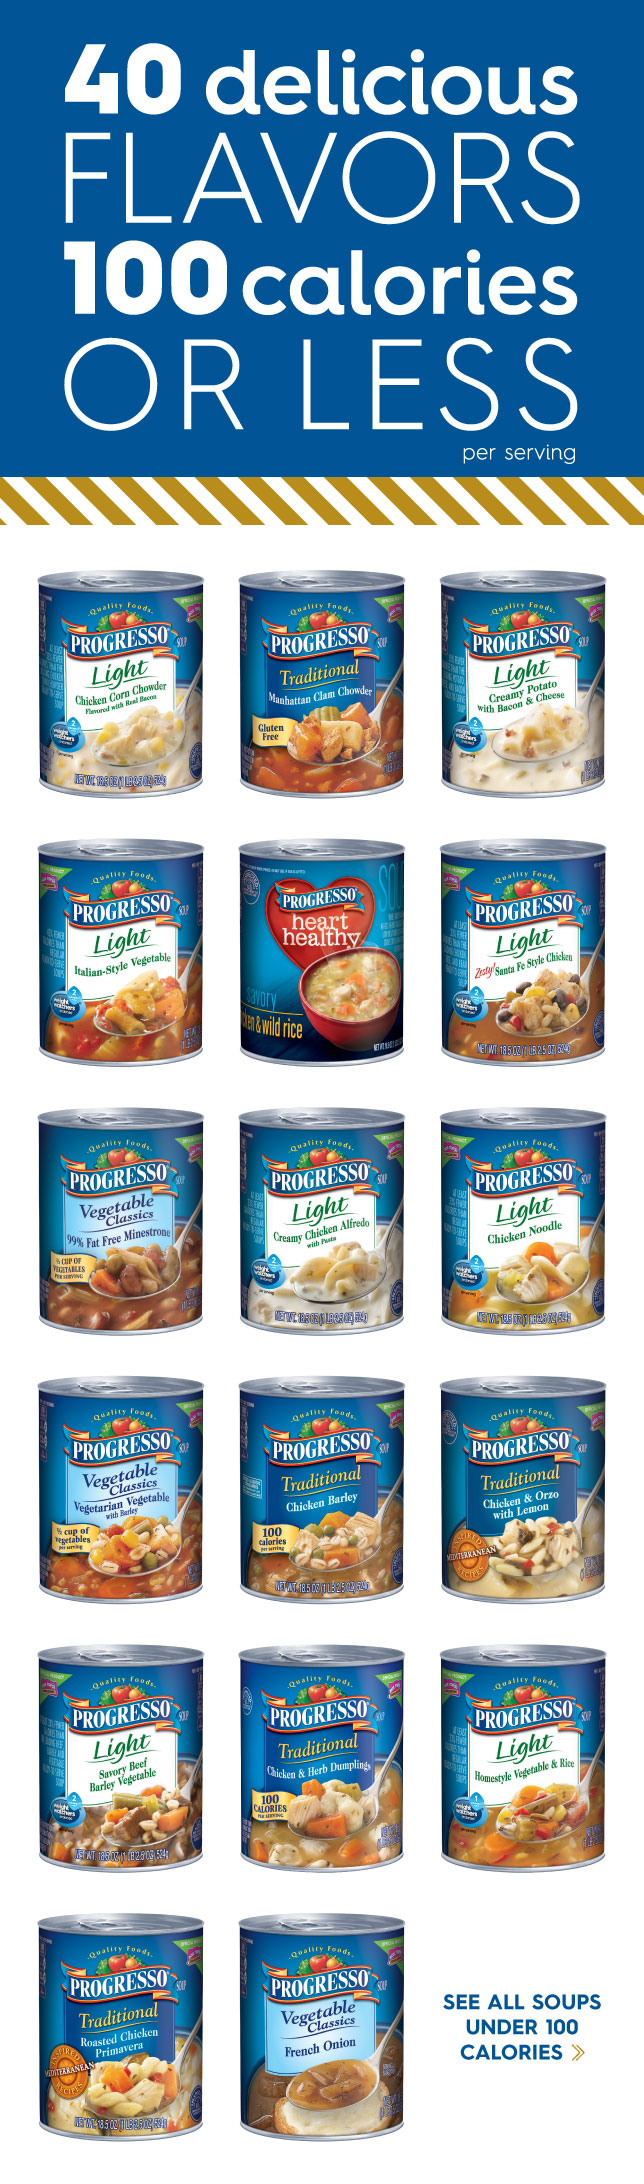 Progresso Light Soups 40 Delicious Flavors 100 Calories Or Less